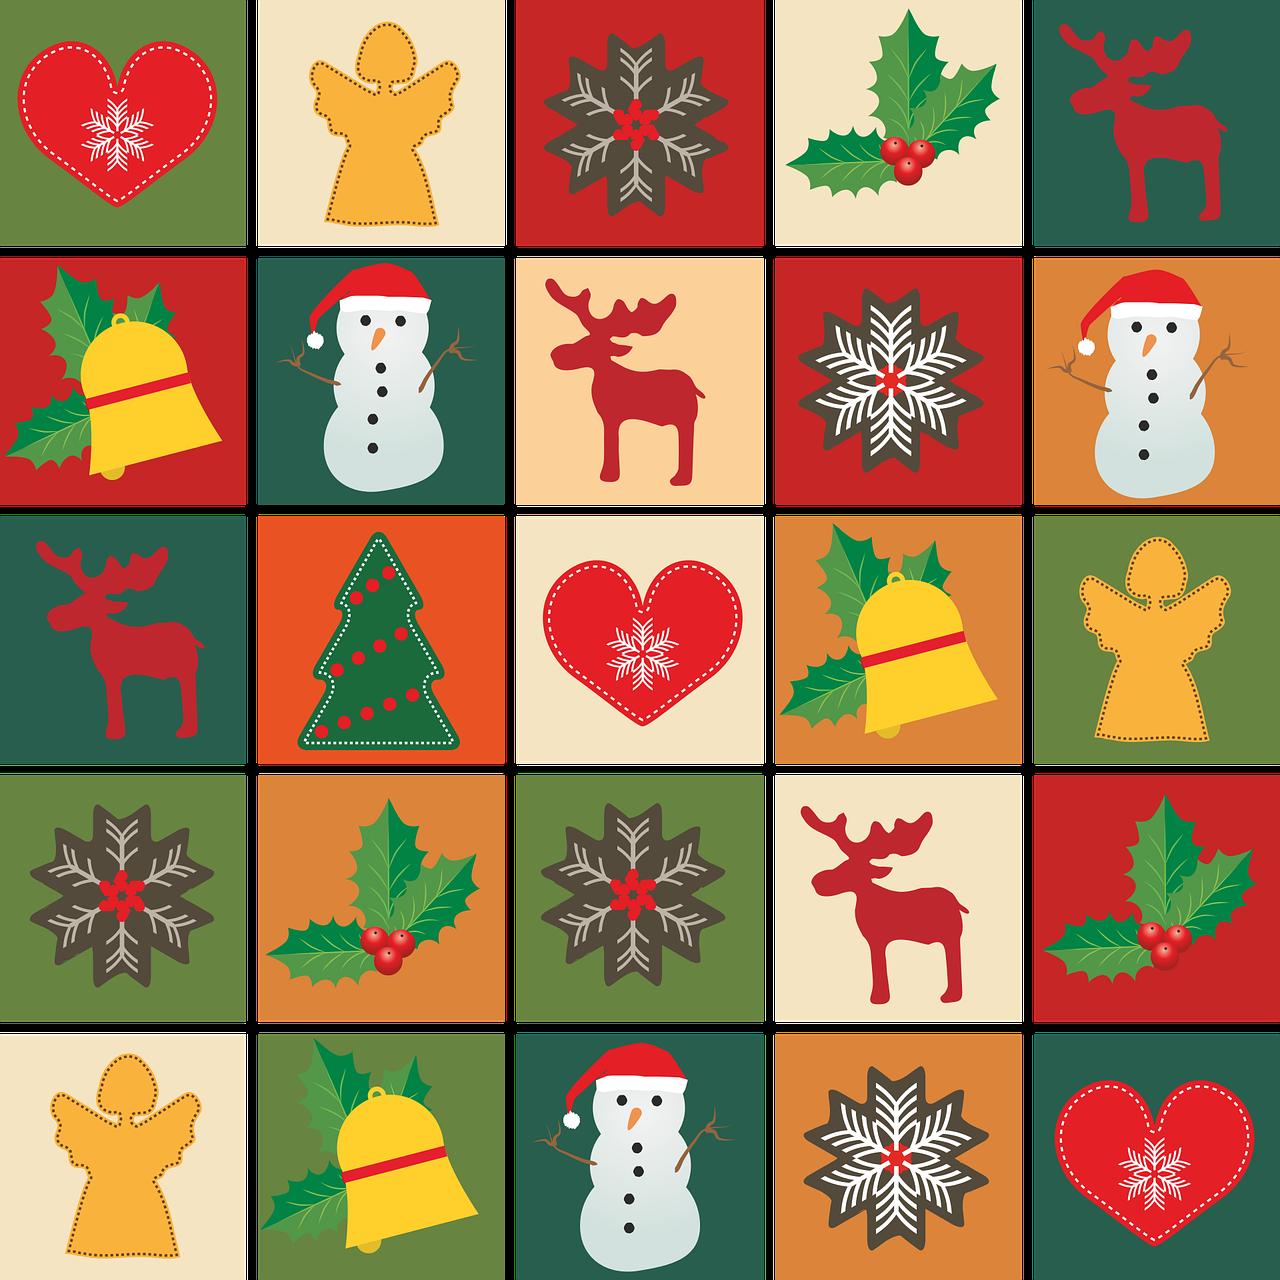 クリスマス素材